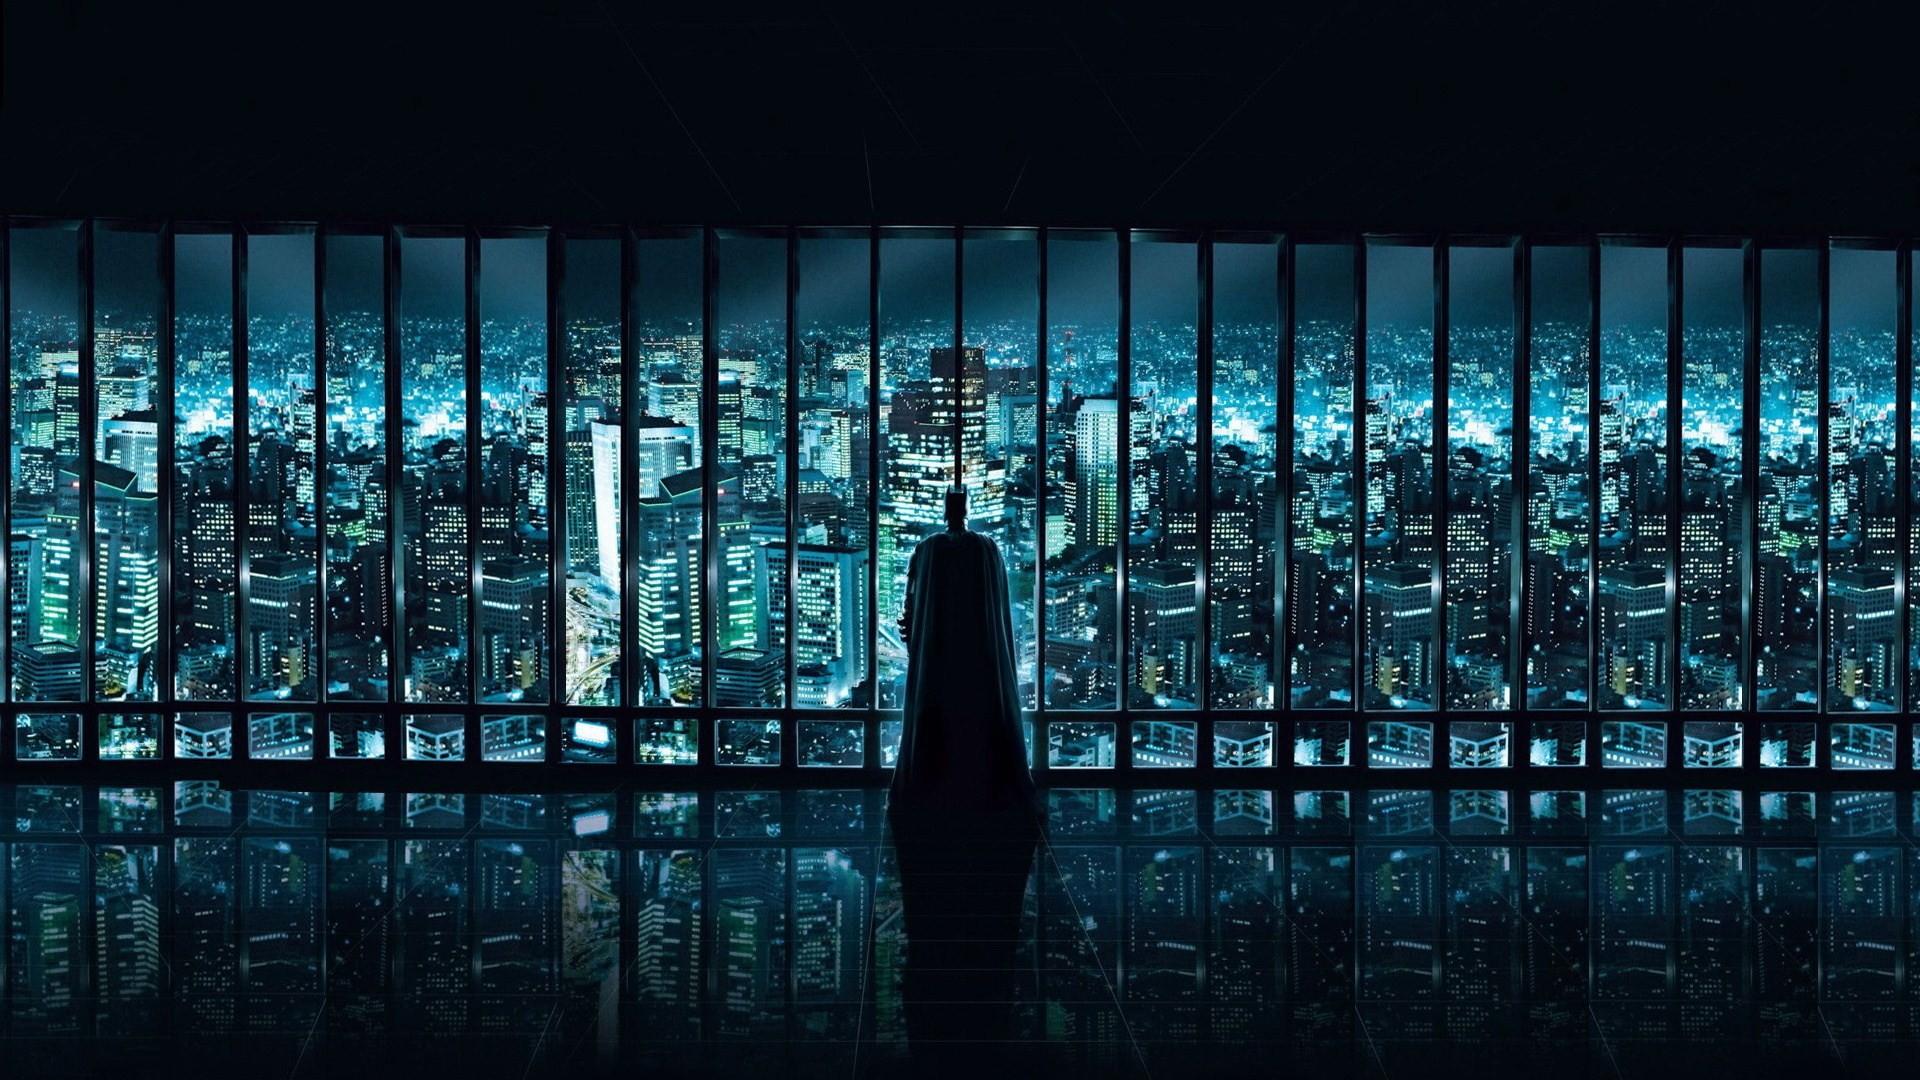 Batman Wallpaper hd 1080p